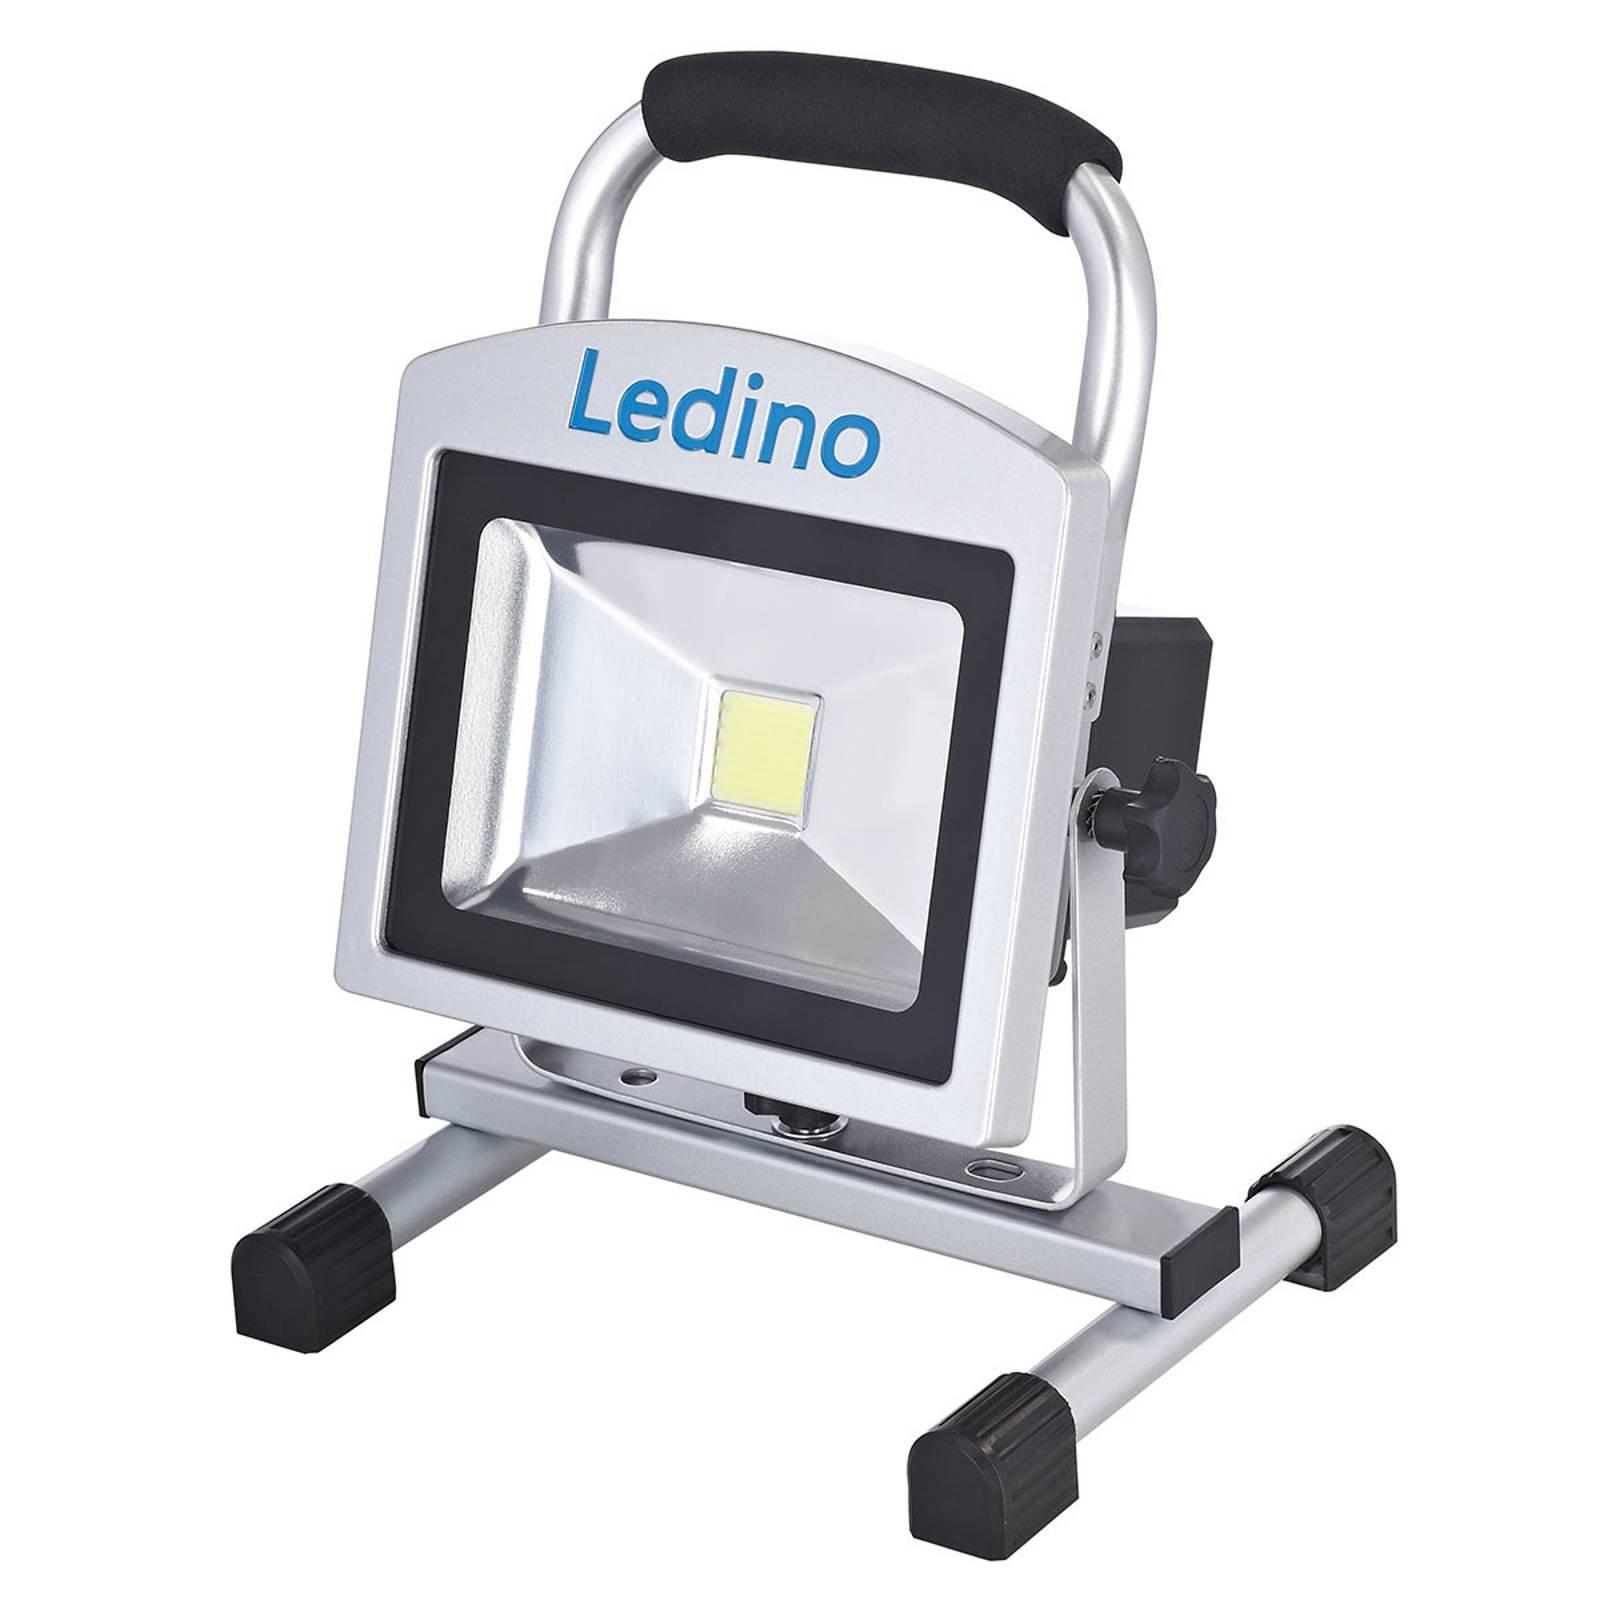 LED-arbeidslampe Köpenick 209 mag.føtter 20W 8,8Ah